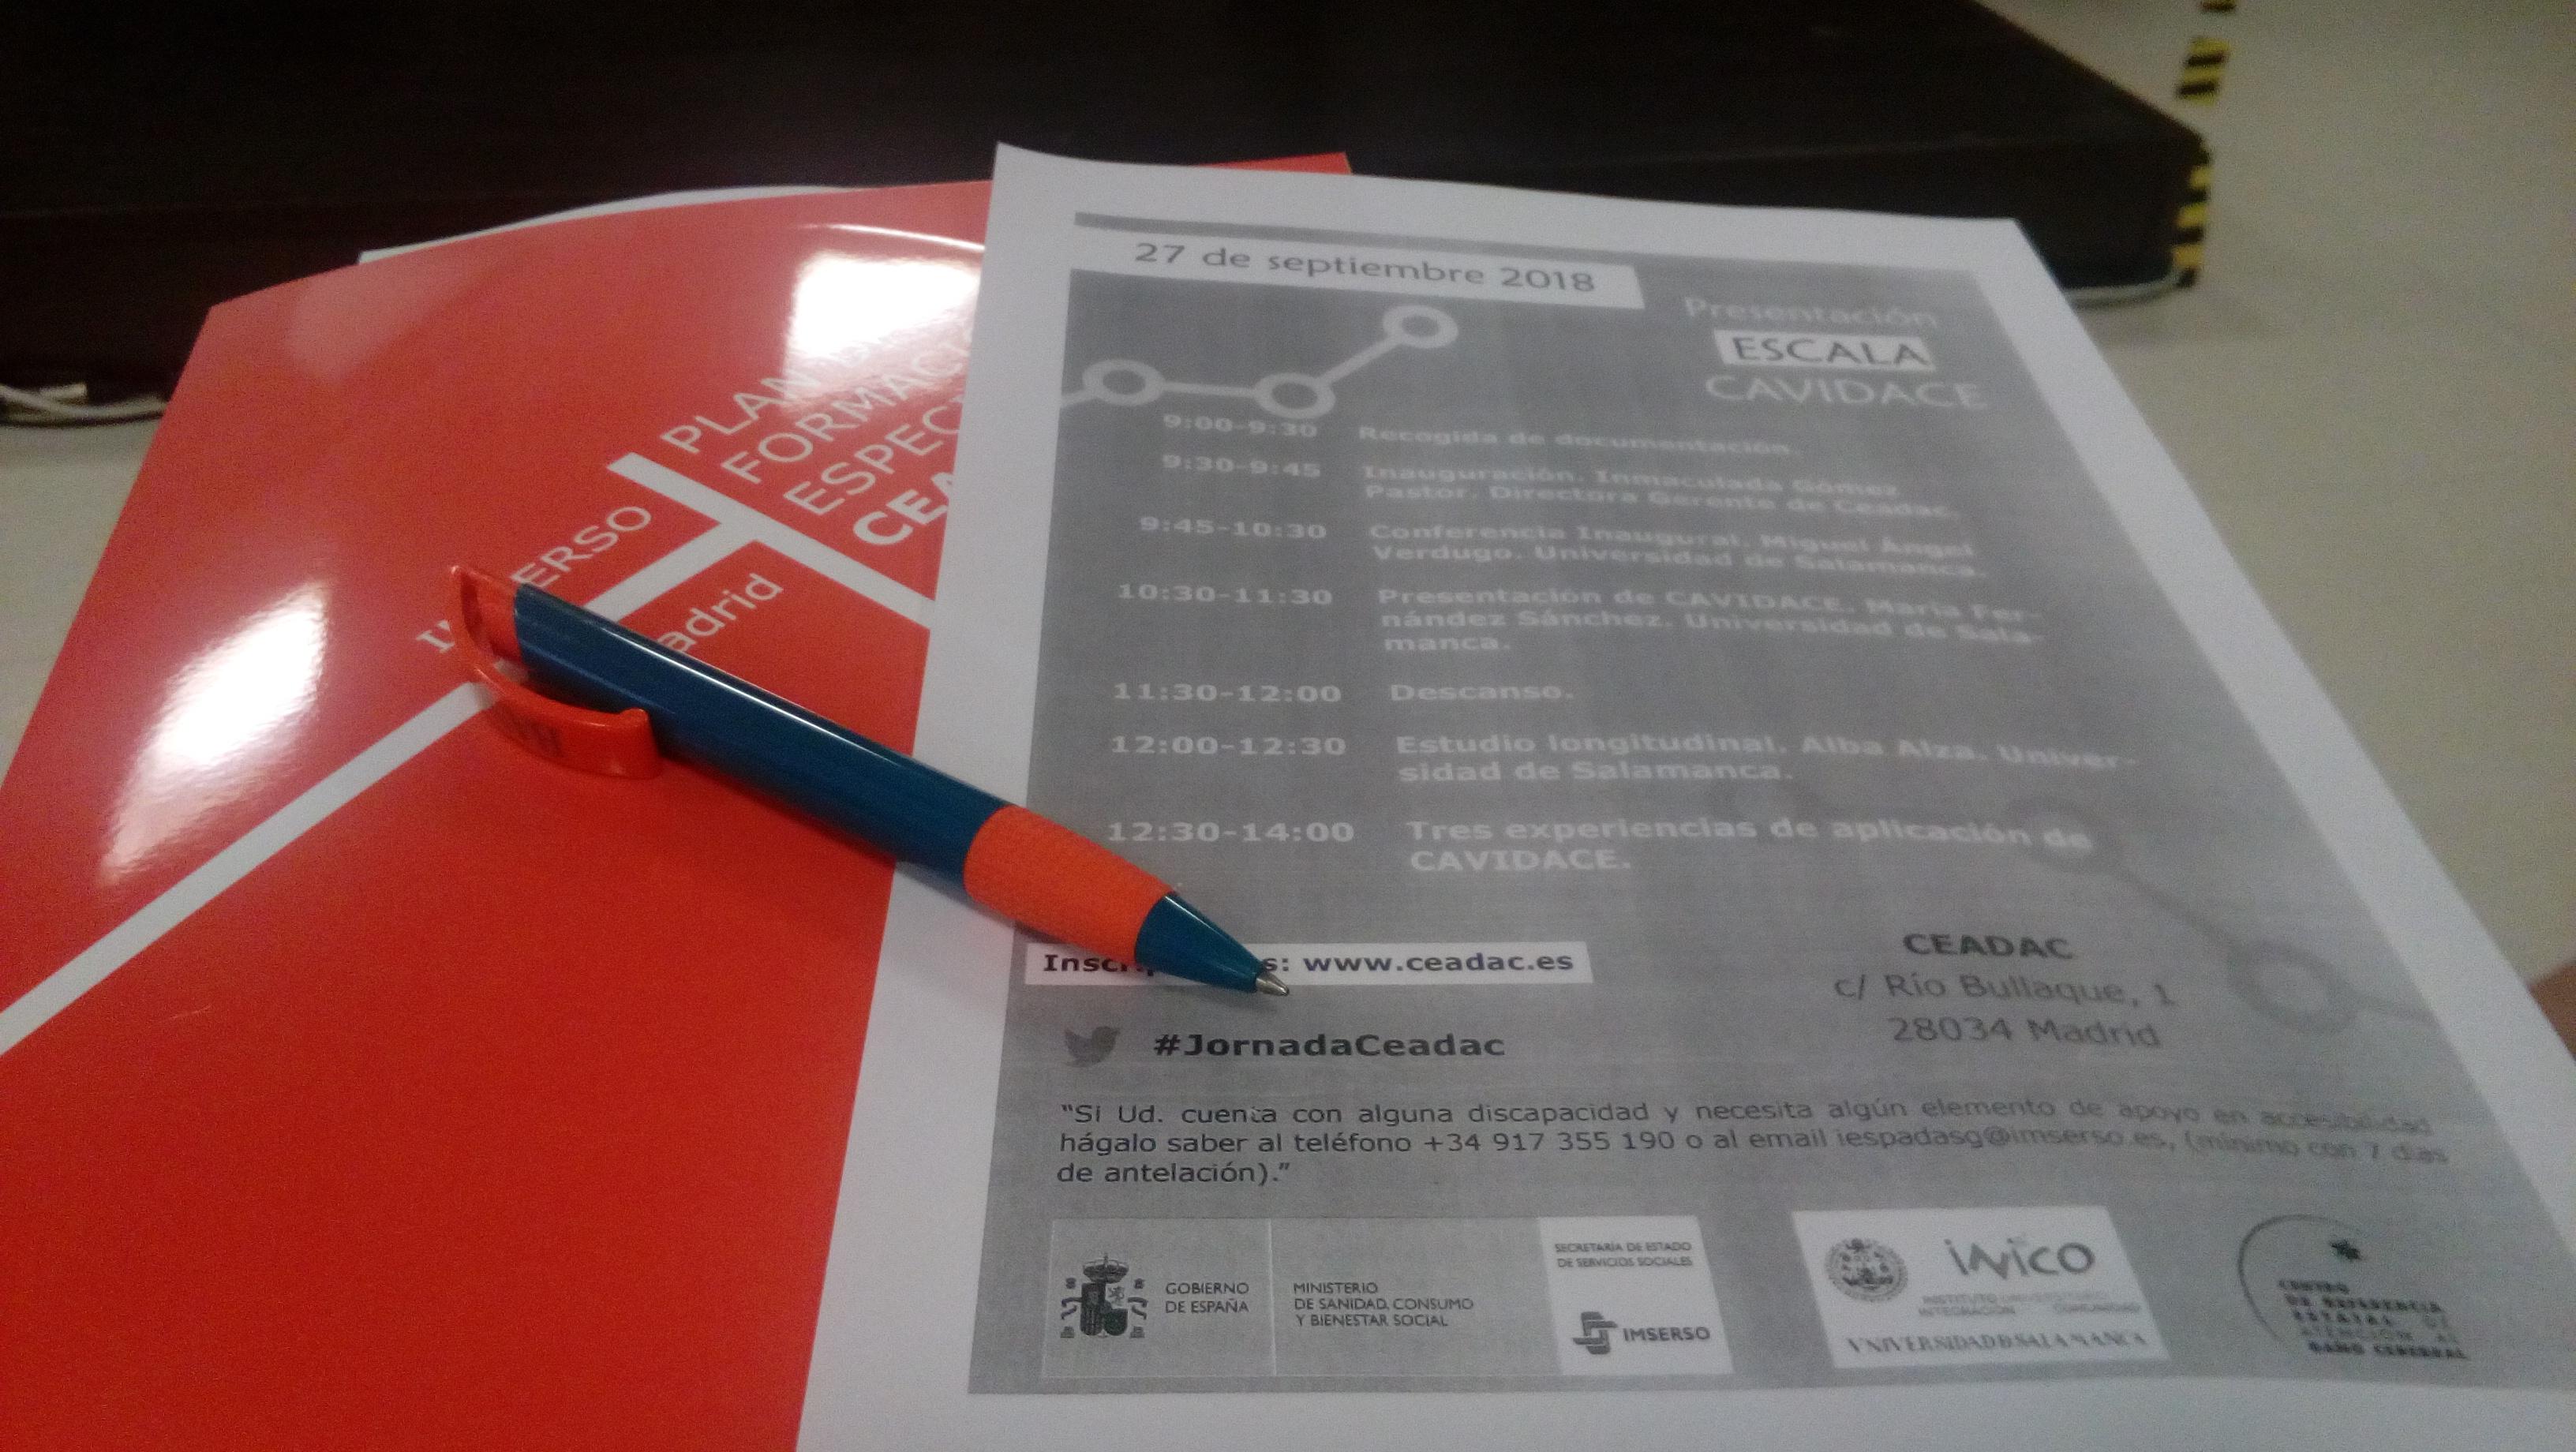 DomusVi Valdemoro Presentación escala COVIDACE (3)